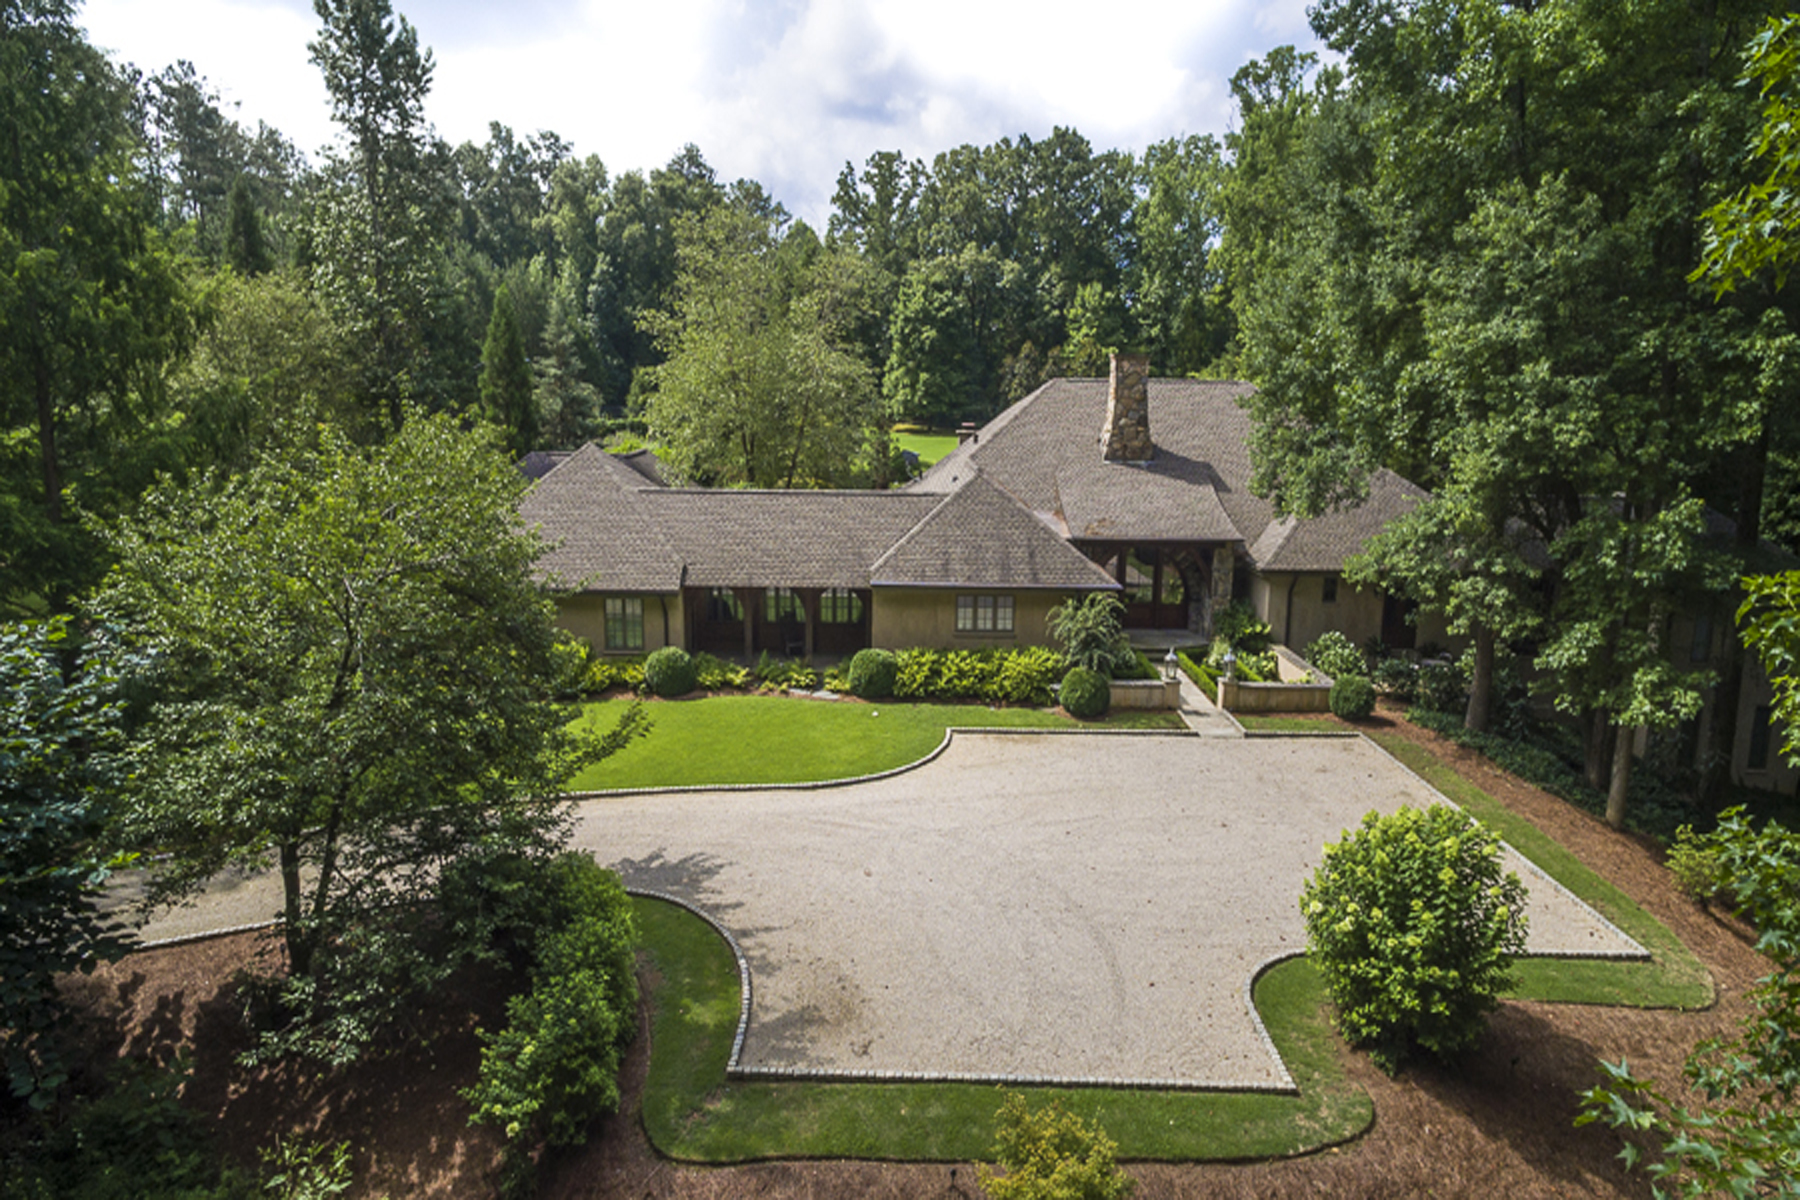 Частный односемейный дом для того Продажа на One Of A Kind French Country European Estate 159 Lambets Way Alpharetta, Джорджия 30005 Соединенные Штаты